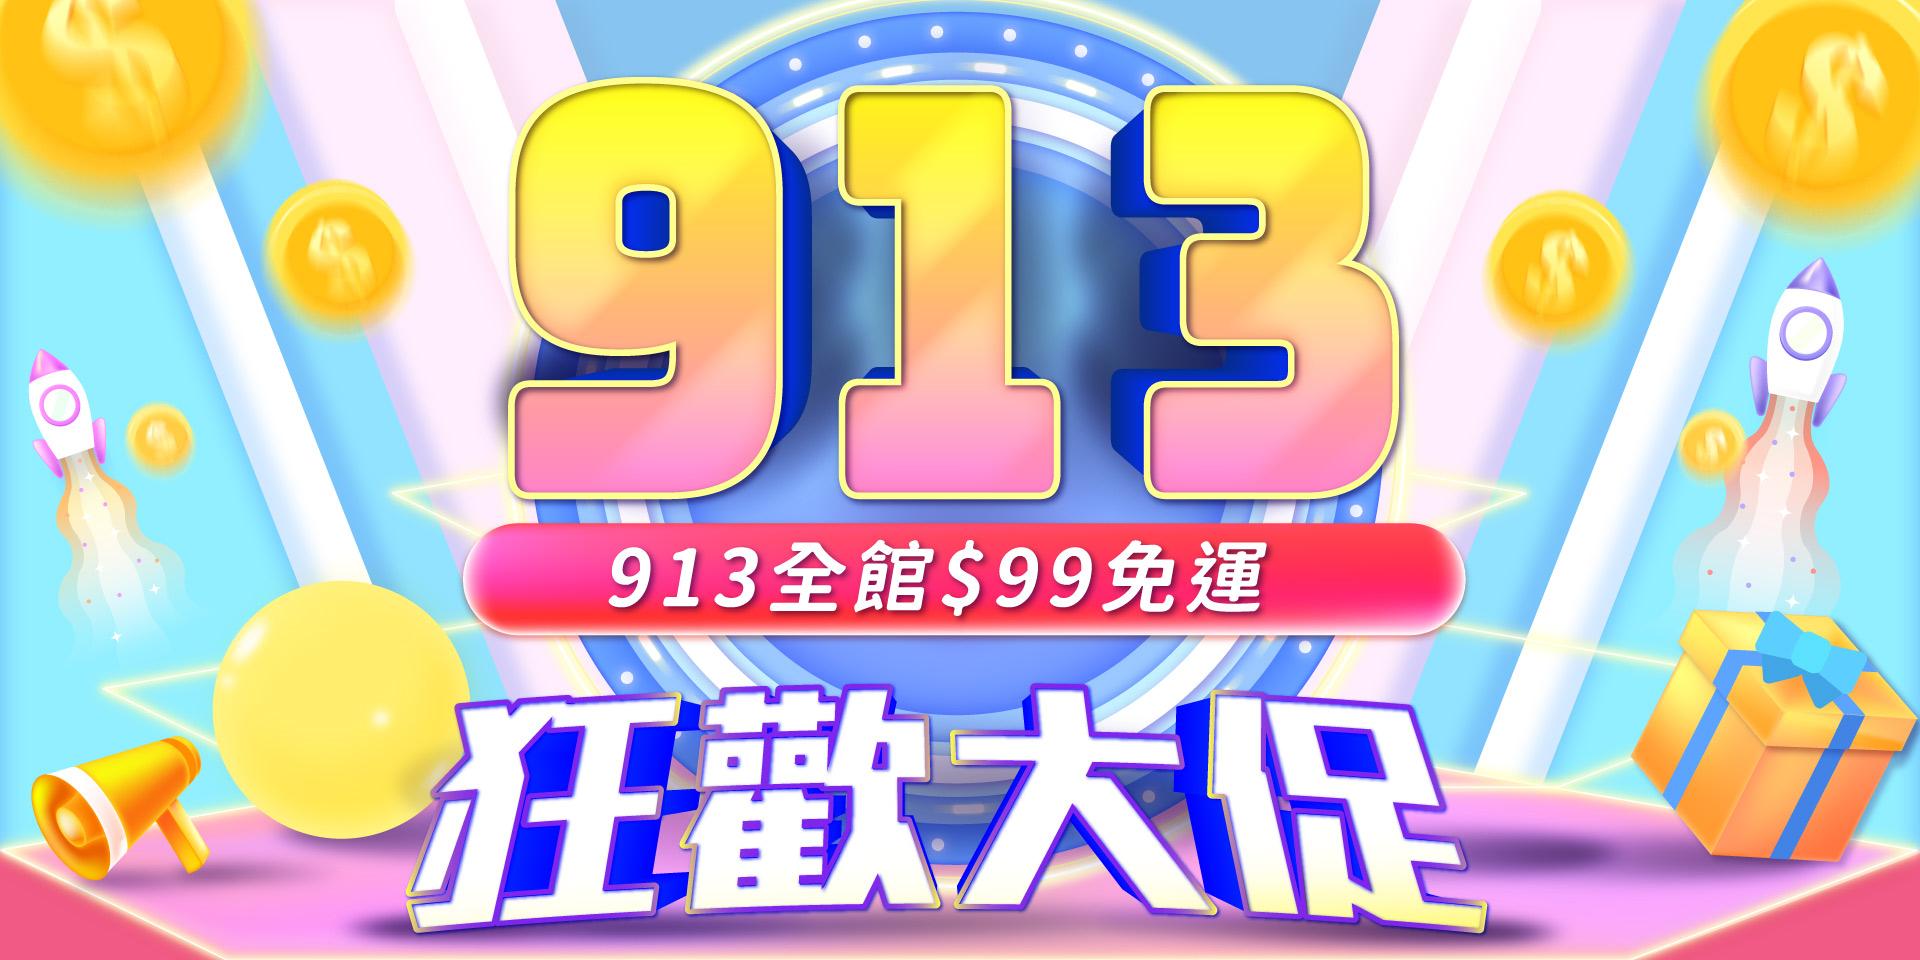 滿版banner